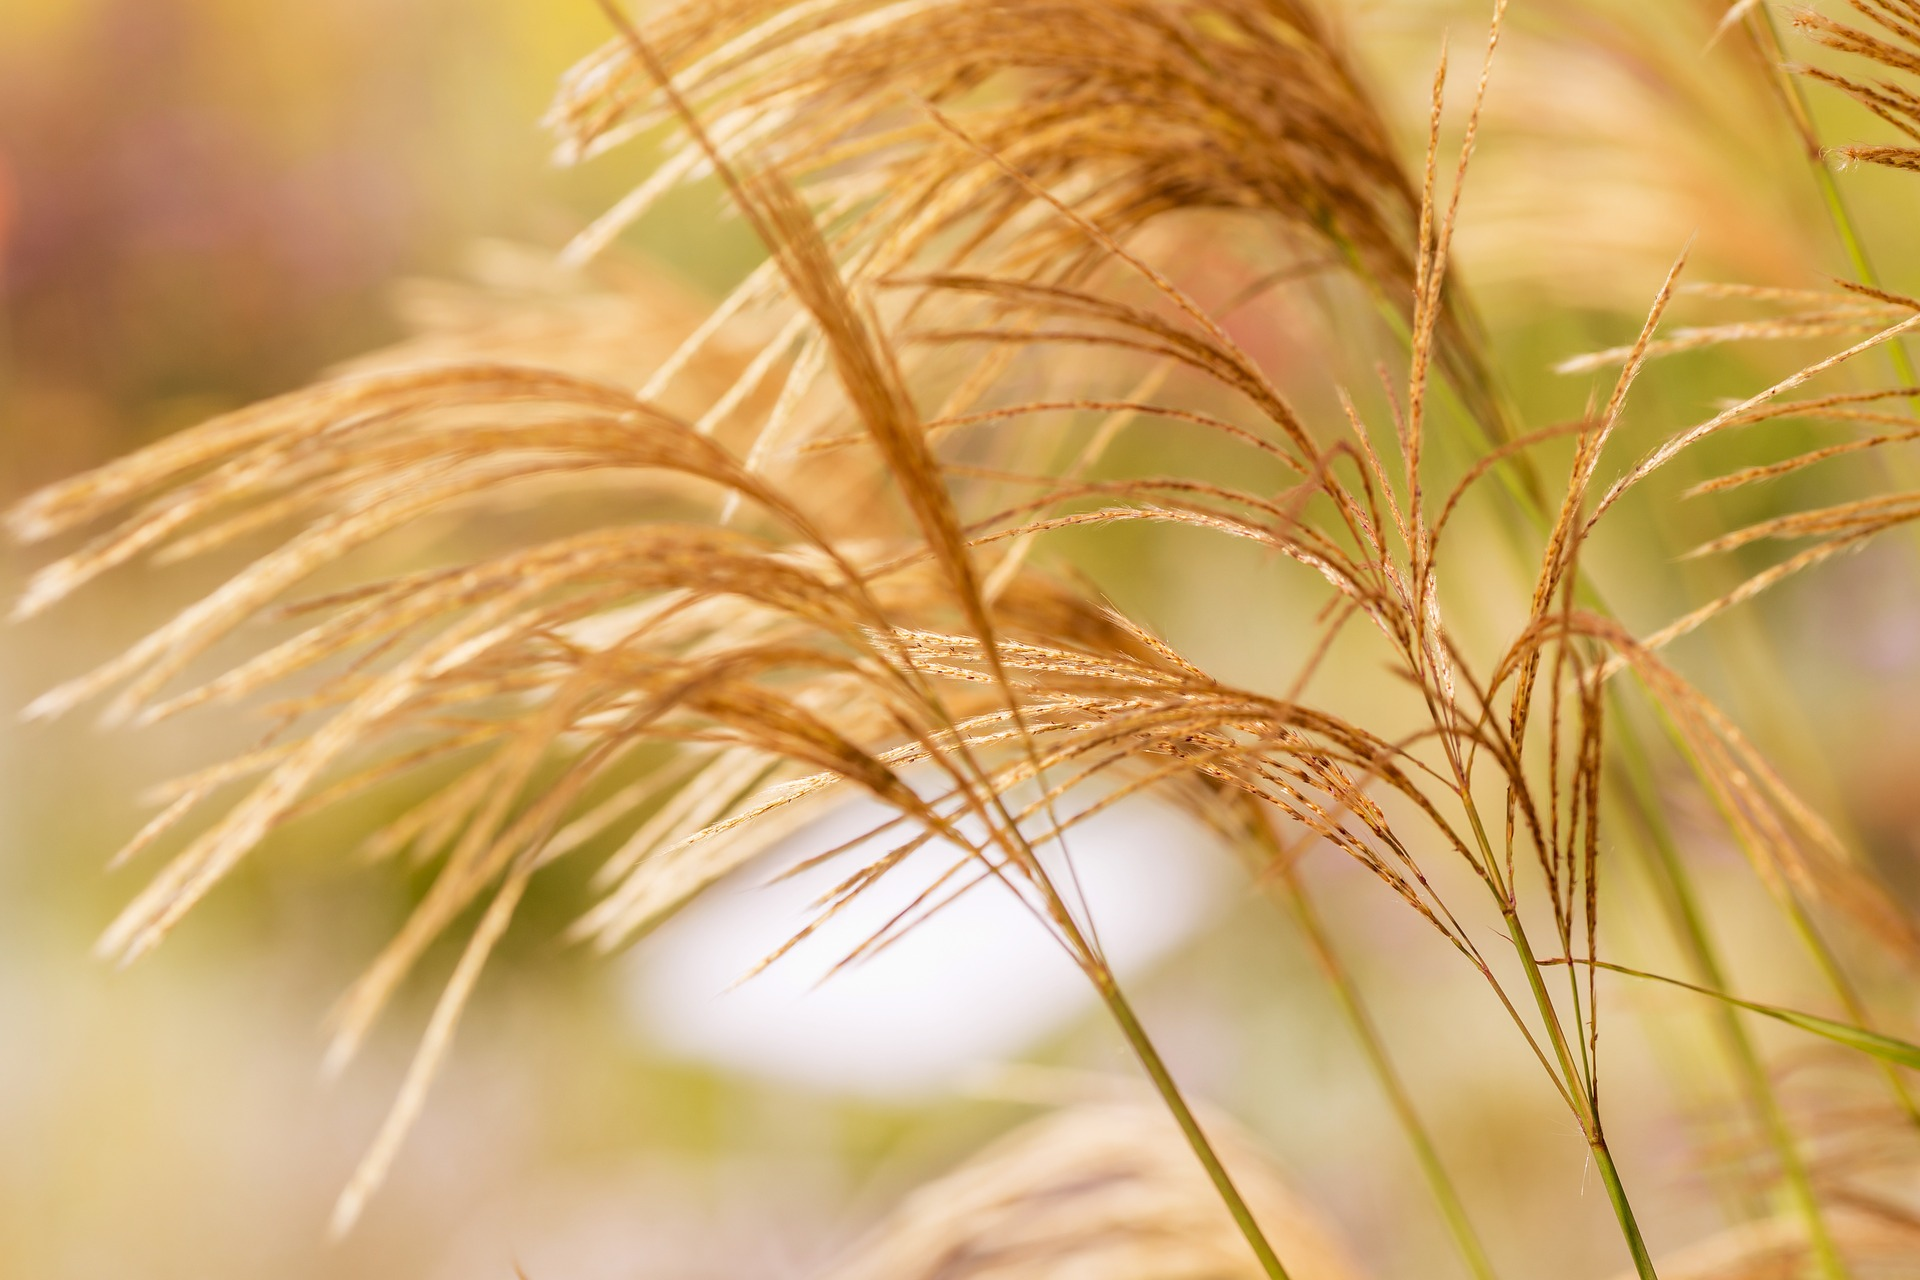 Gräser, Herkunft Pixabay